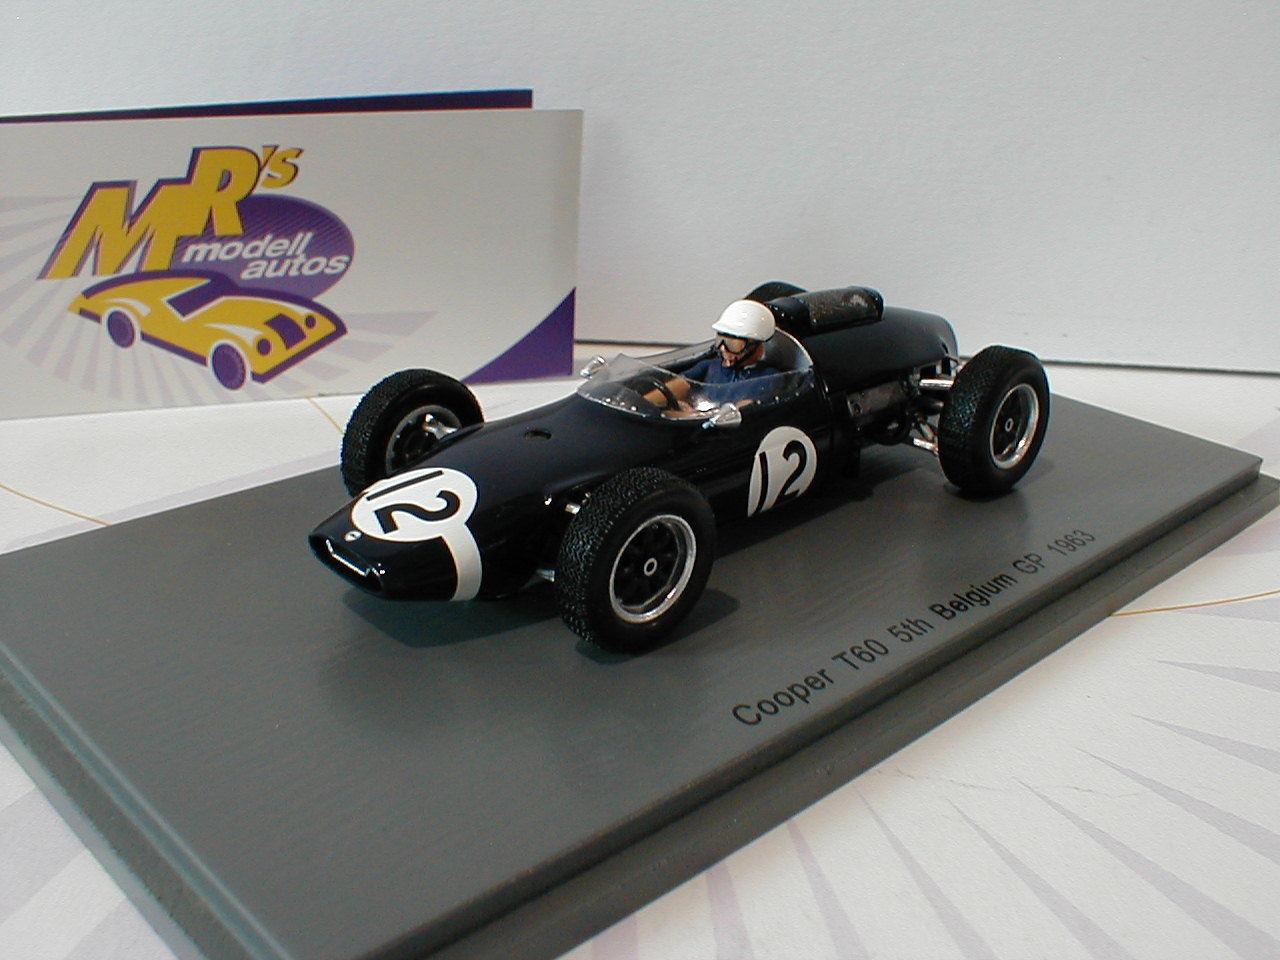 SPARK s4804-Cooper t60 Nº 12 5th Belgique GP Formule 1 1963 Jo Bonnier 1 43